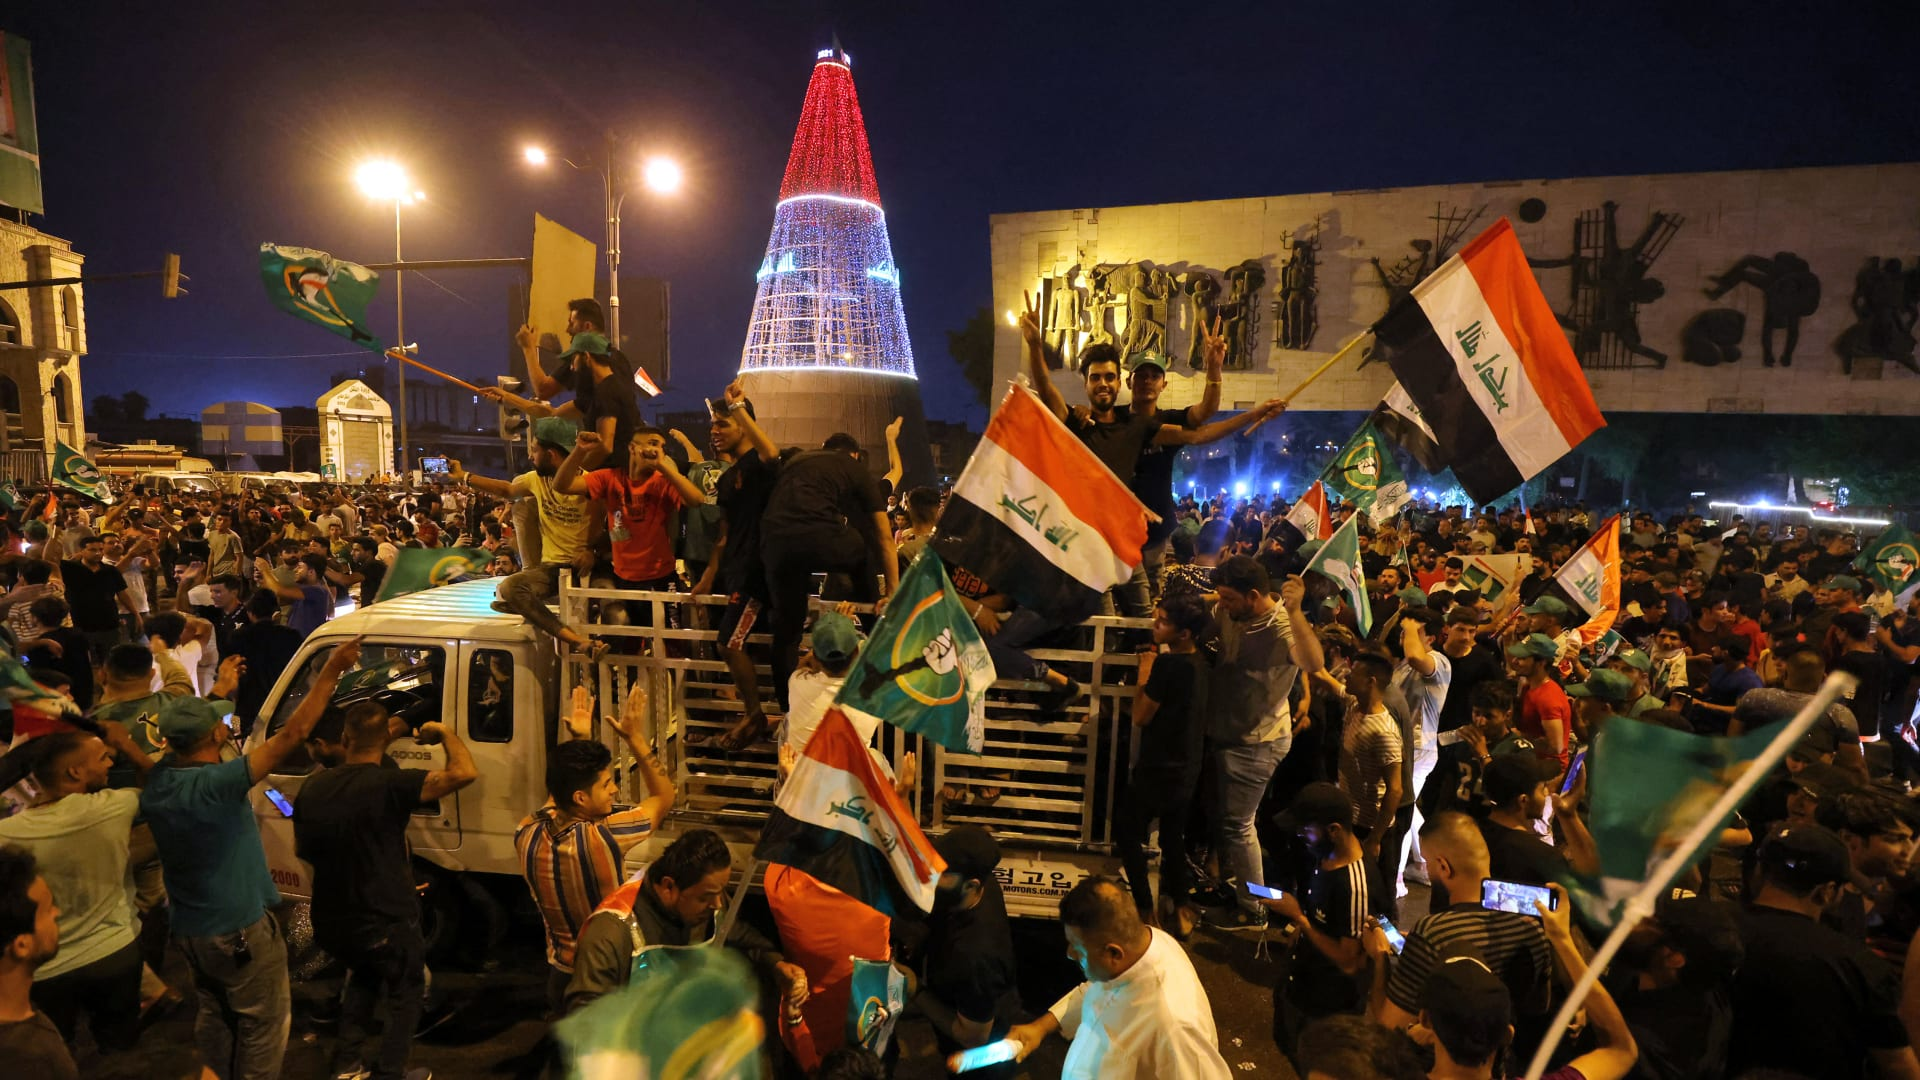 مؤيدون لزعيم التيار الصدري بالعراق يحتفلون بنتائج الانتخابات